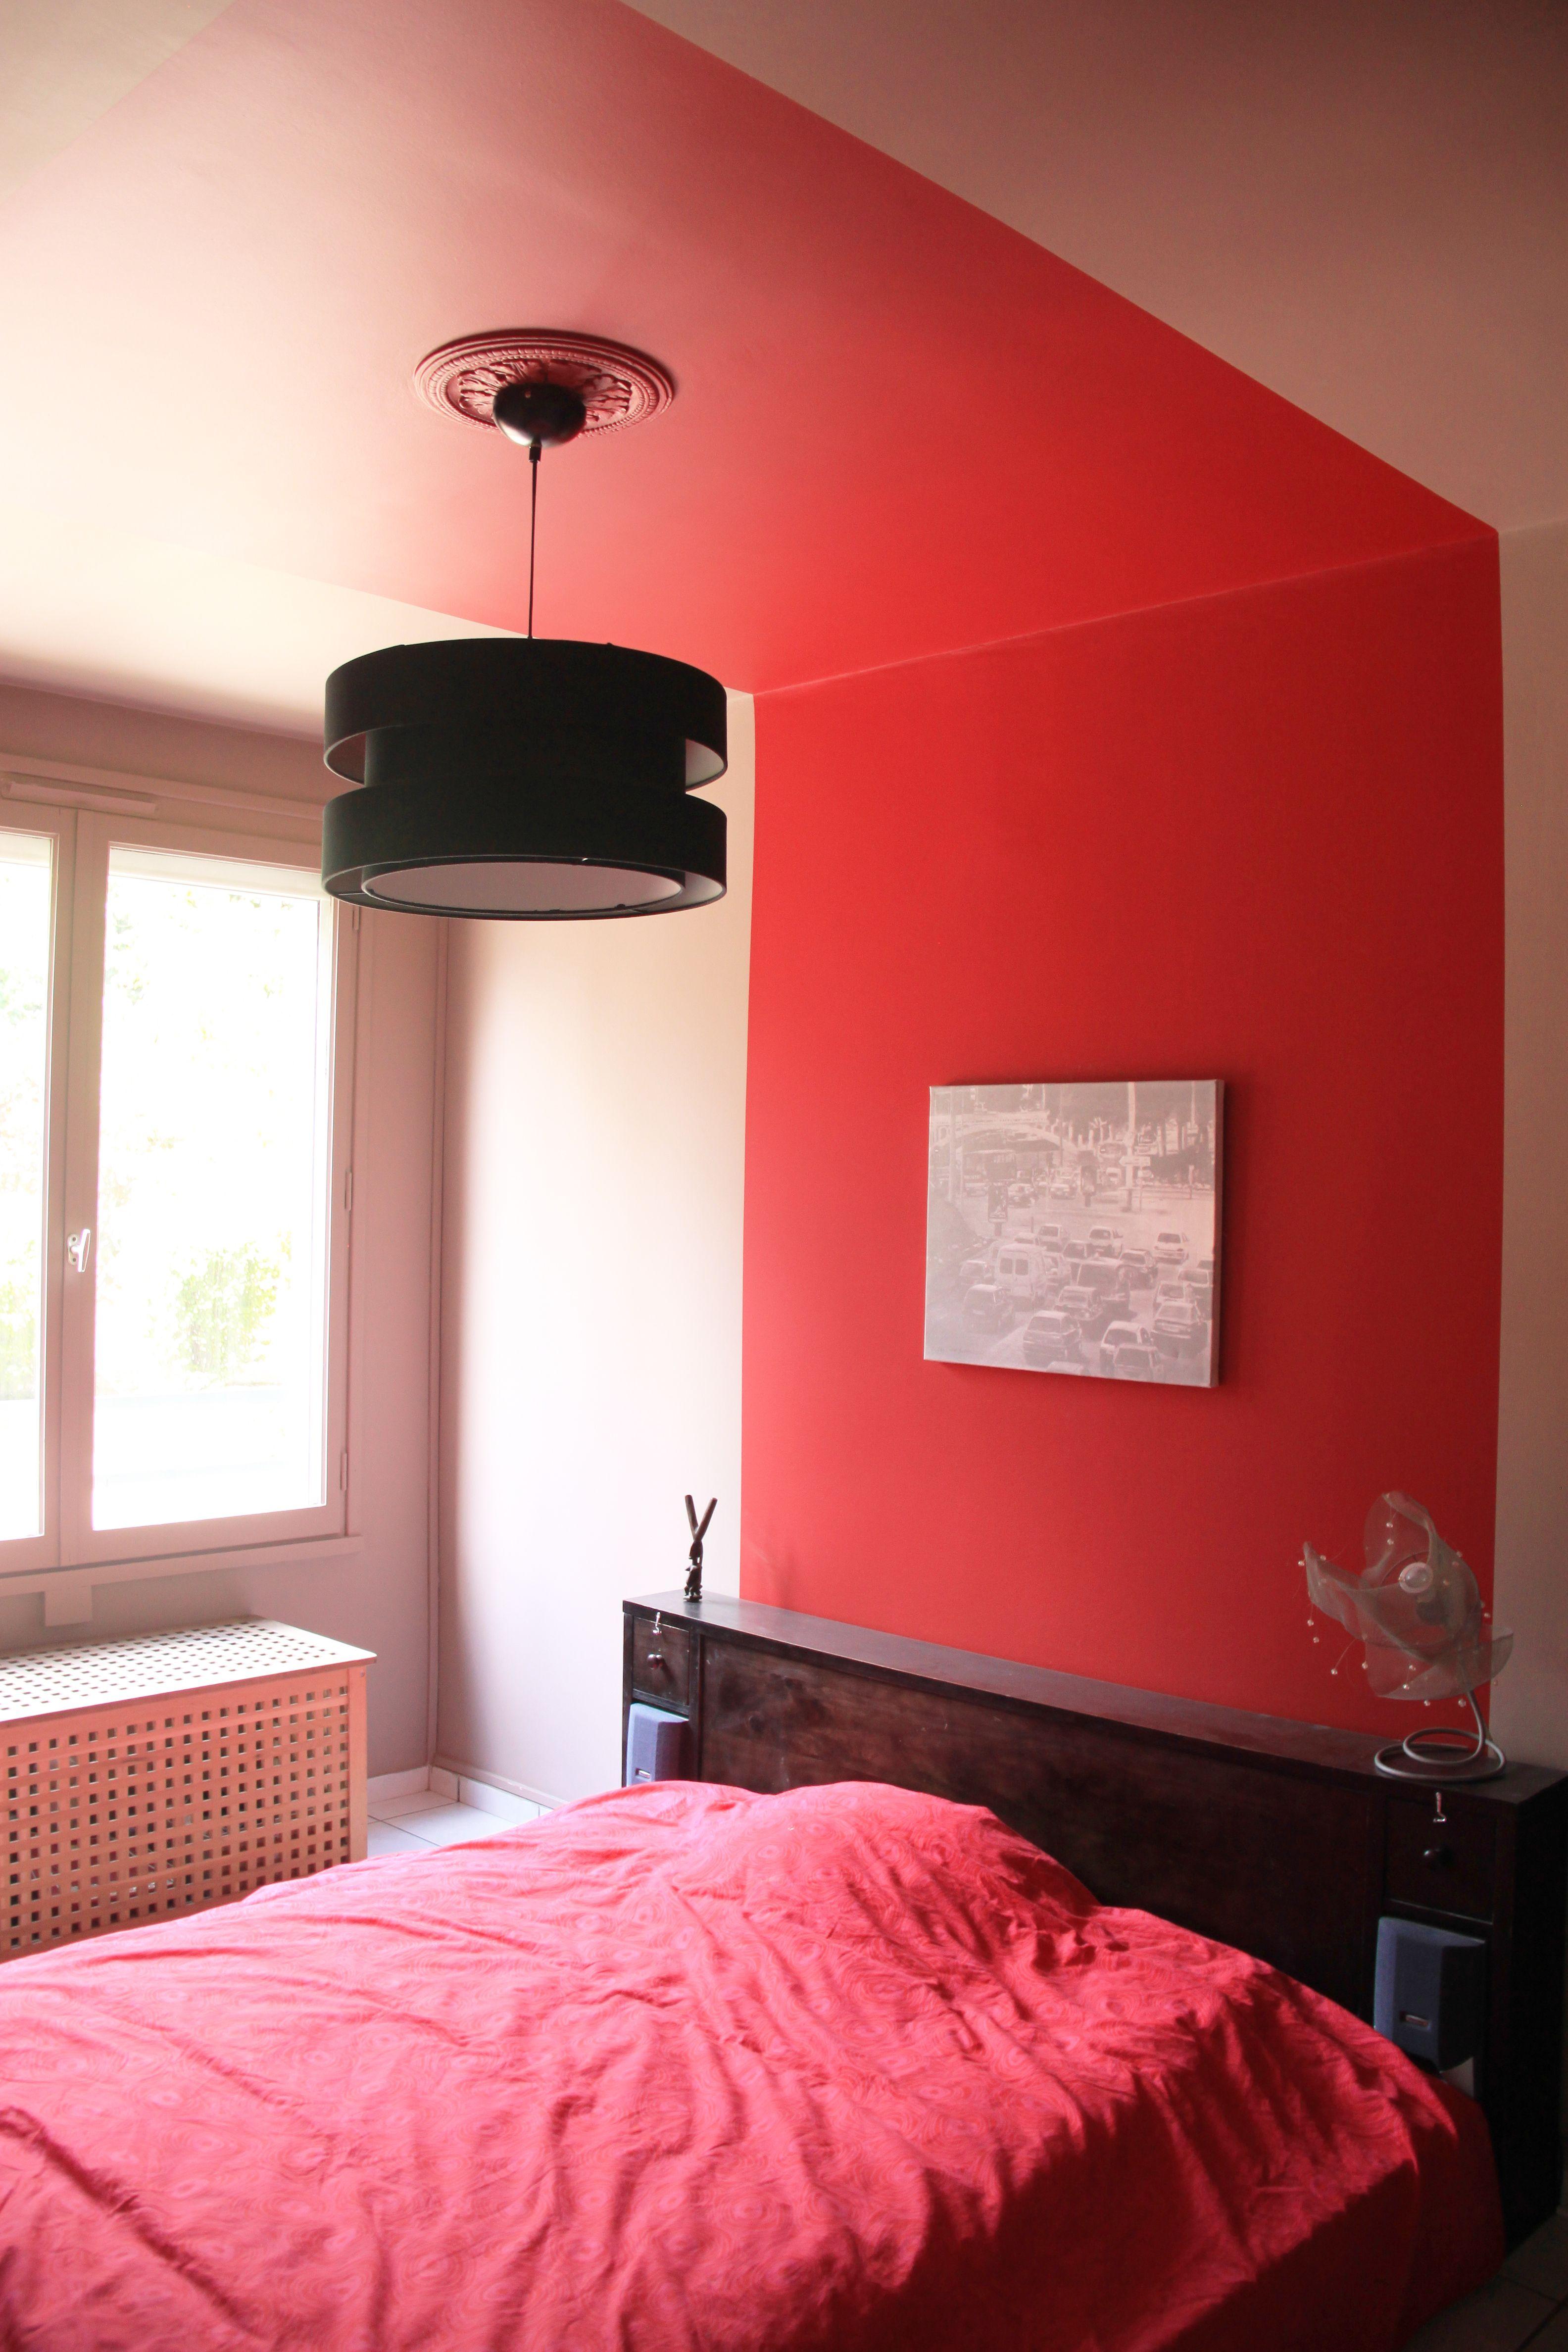 Deco Chambre Ton Taupe Épinglé par surup | ethinify sur ✨interior decoration